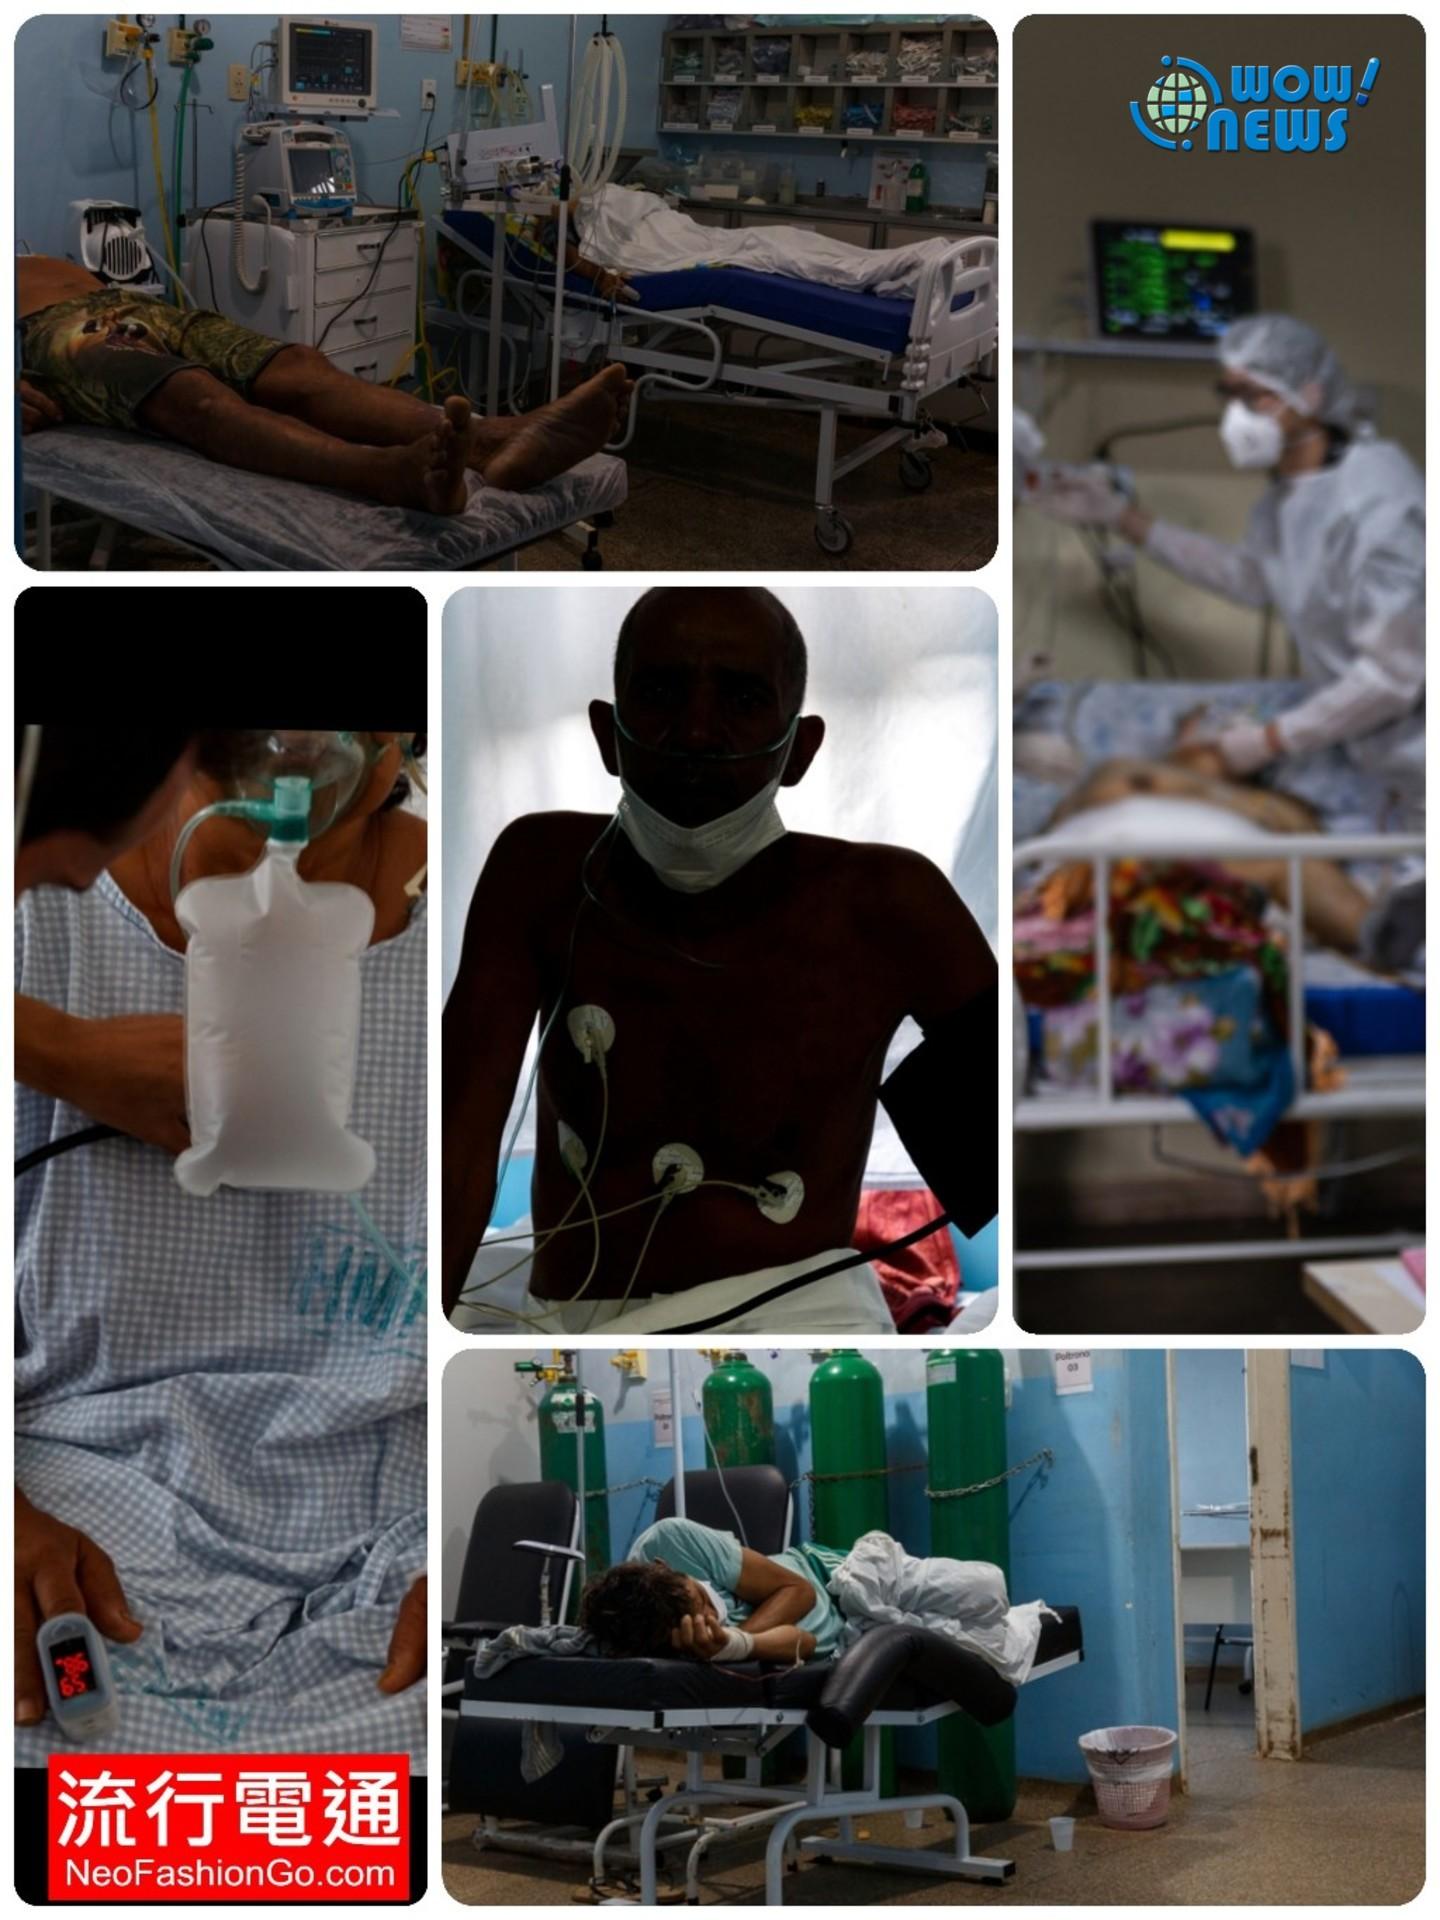 無國界醫生(MSF)緊急呼籲 : 失敗的新冠肺炎政策 將巴西推向人道災難